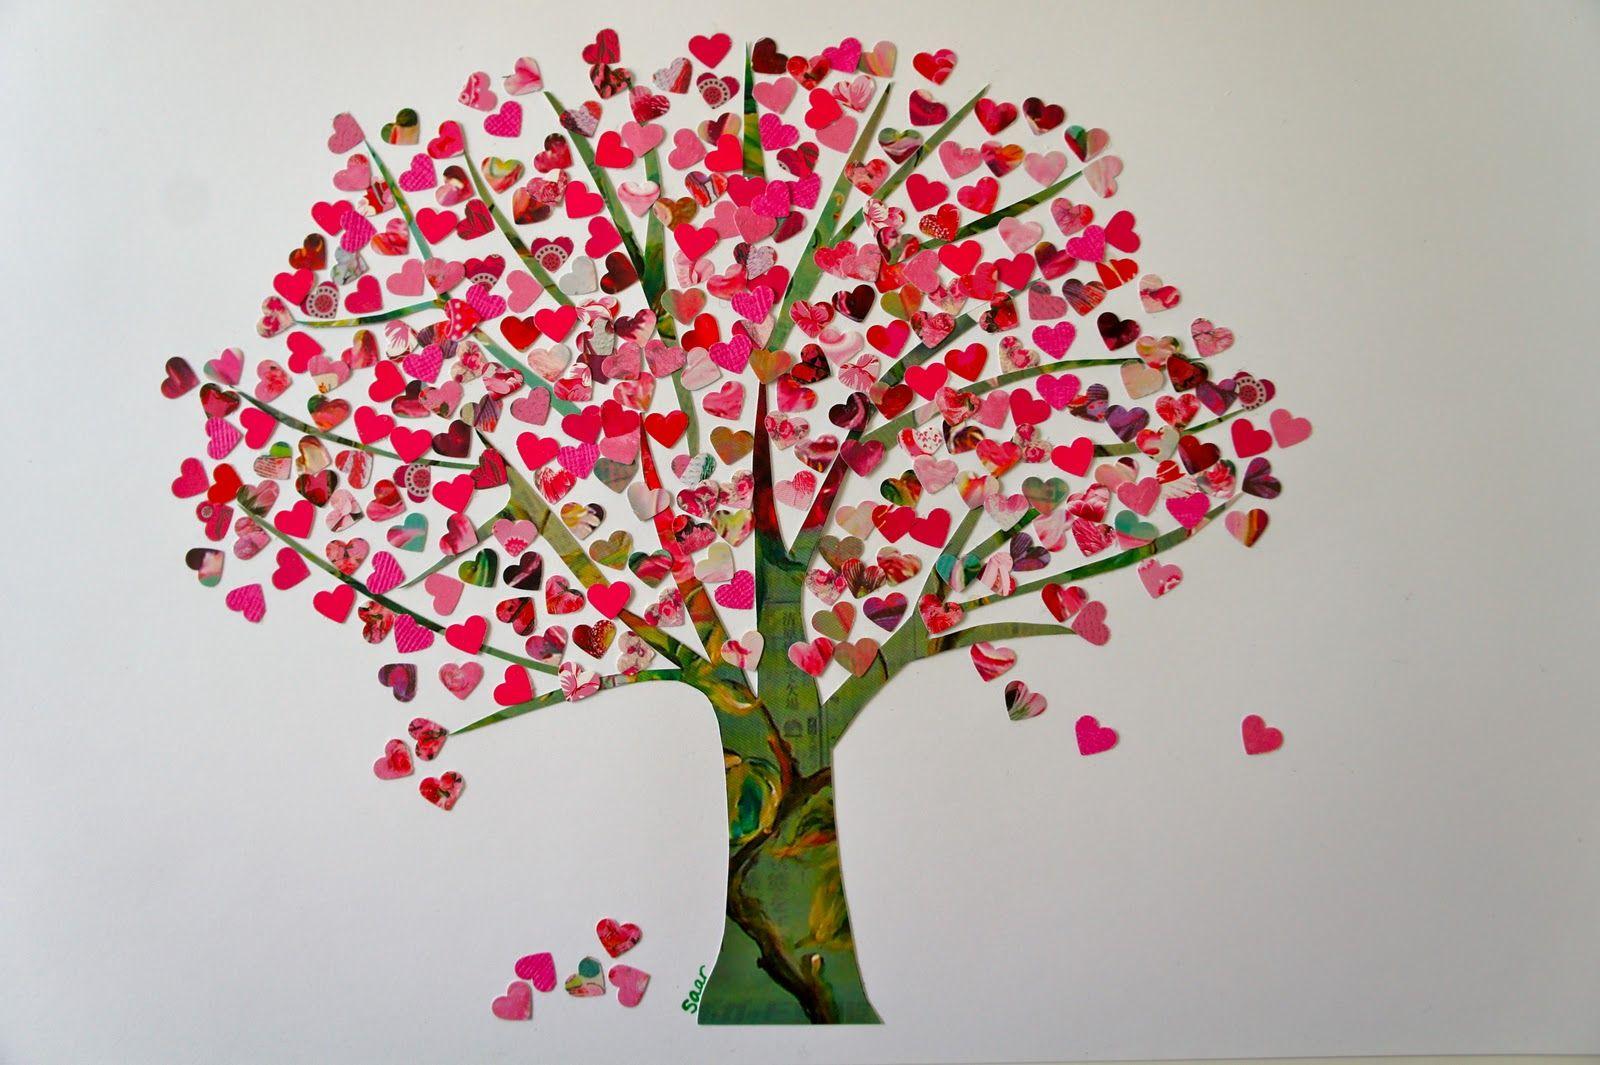 Нарисовать открытку, как сделать картинку из сердечек